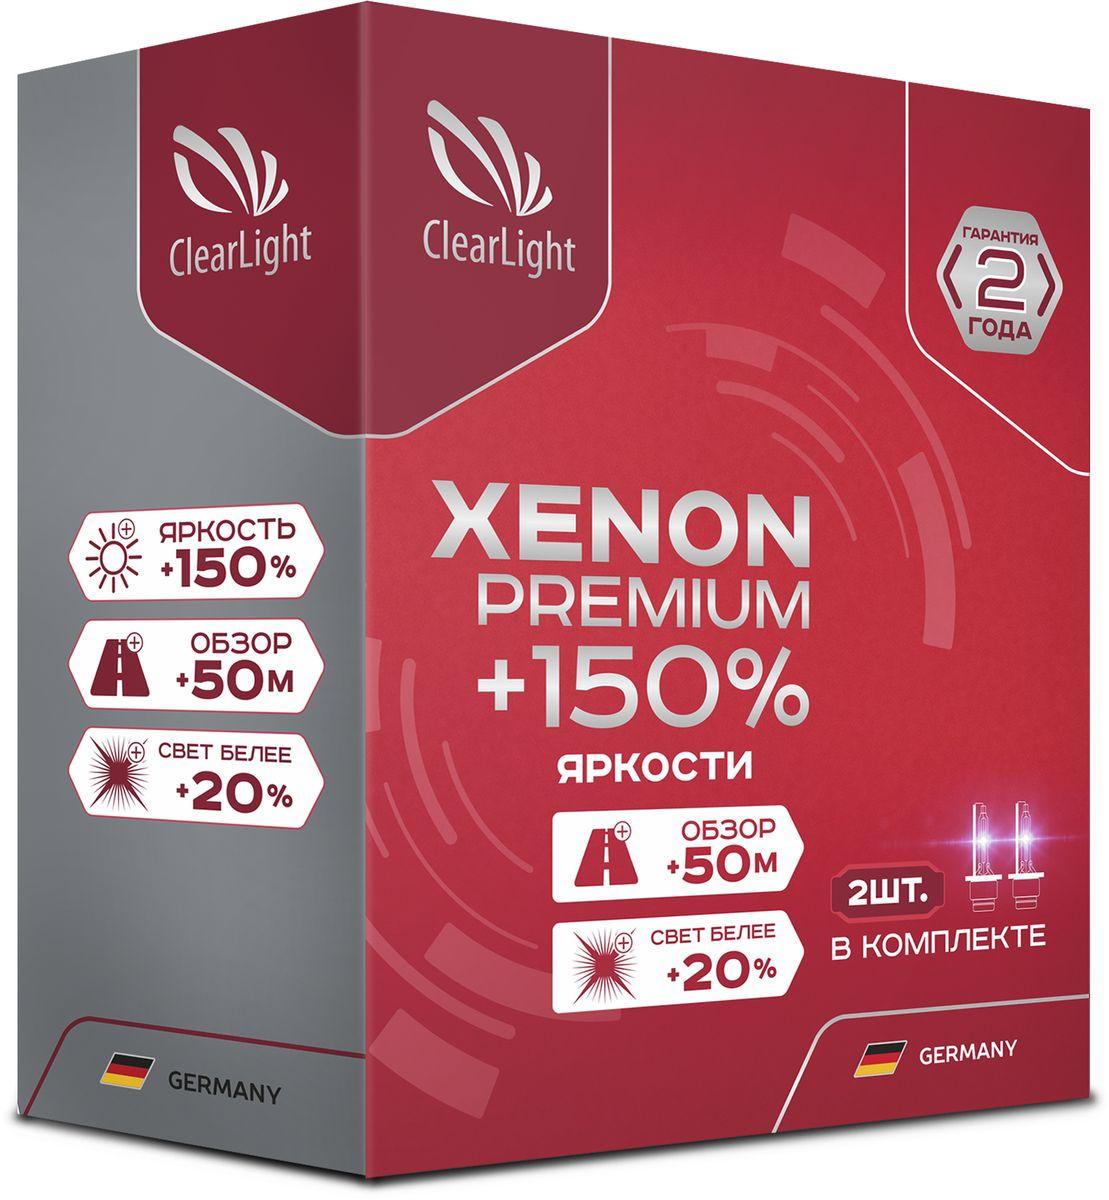 Лампа автомобильная ксеноновая Clearlight Xenon Premium+150%, цоколь HB4, 5000 К, 35 Вт, 2 штPCL HB4 150-2XP-2Лампы Xenon Premium+150% подойдут для самых взыскательных покупателей. Высокая яркость лампы достигнута за счет применения инновационных технологий, позволивших увеличить давление газов внутри колбы лампы. +150% яркости, обзор +50 метров, кристально белый свет. Гарантия 2 года.